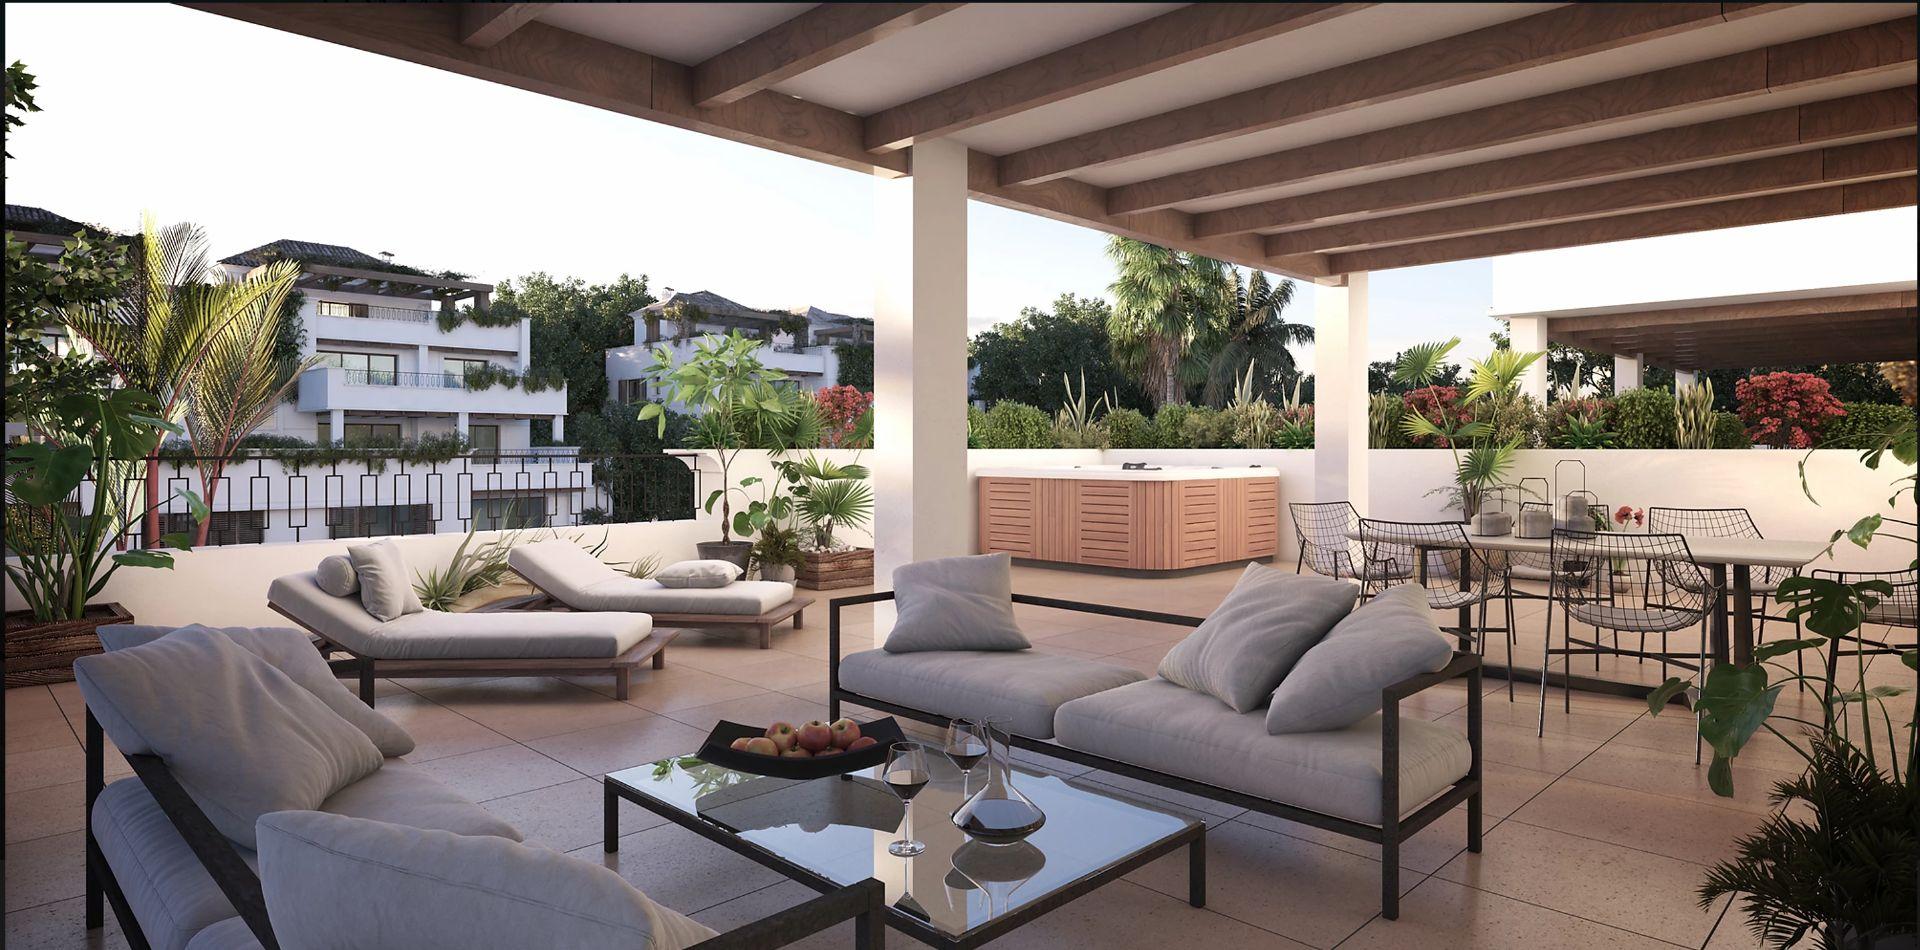 Ático en Marbella, Lomas de Marbella Club, venta